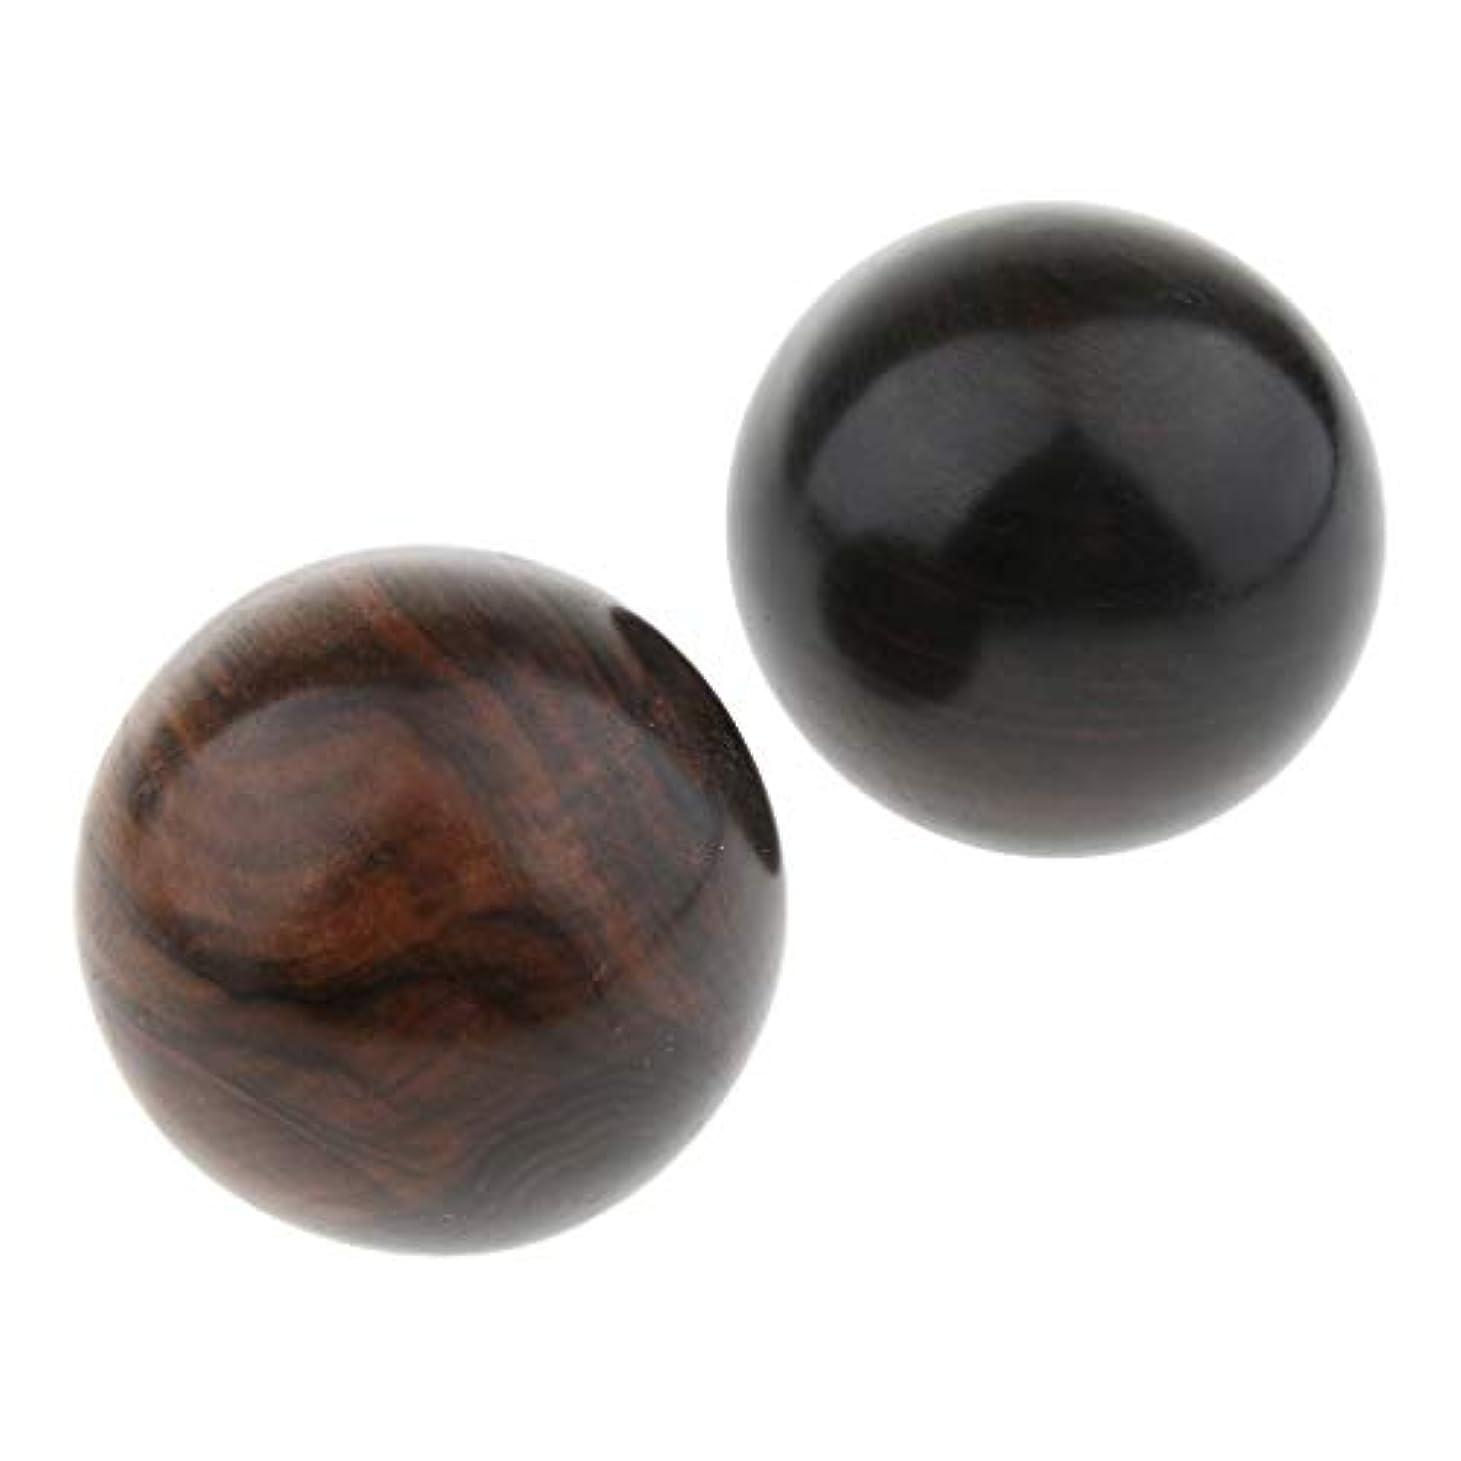 レーニン主義壁特異性dailymall 2個 マッサージボール ハンドボール 木製 マッサージハンドボール トリガーポイント ストレス緩和